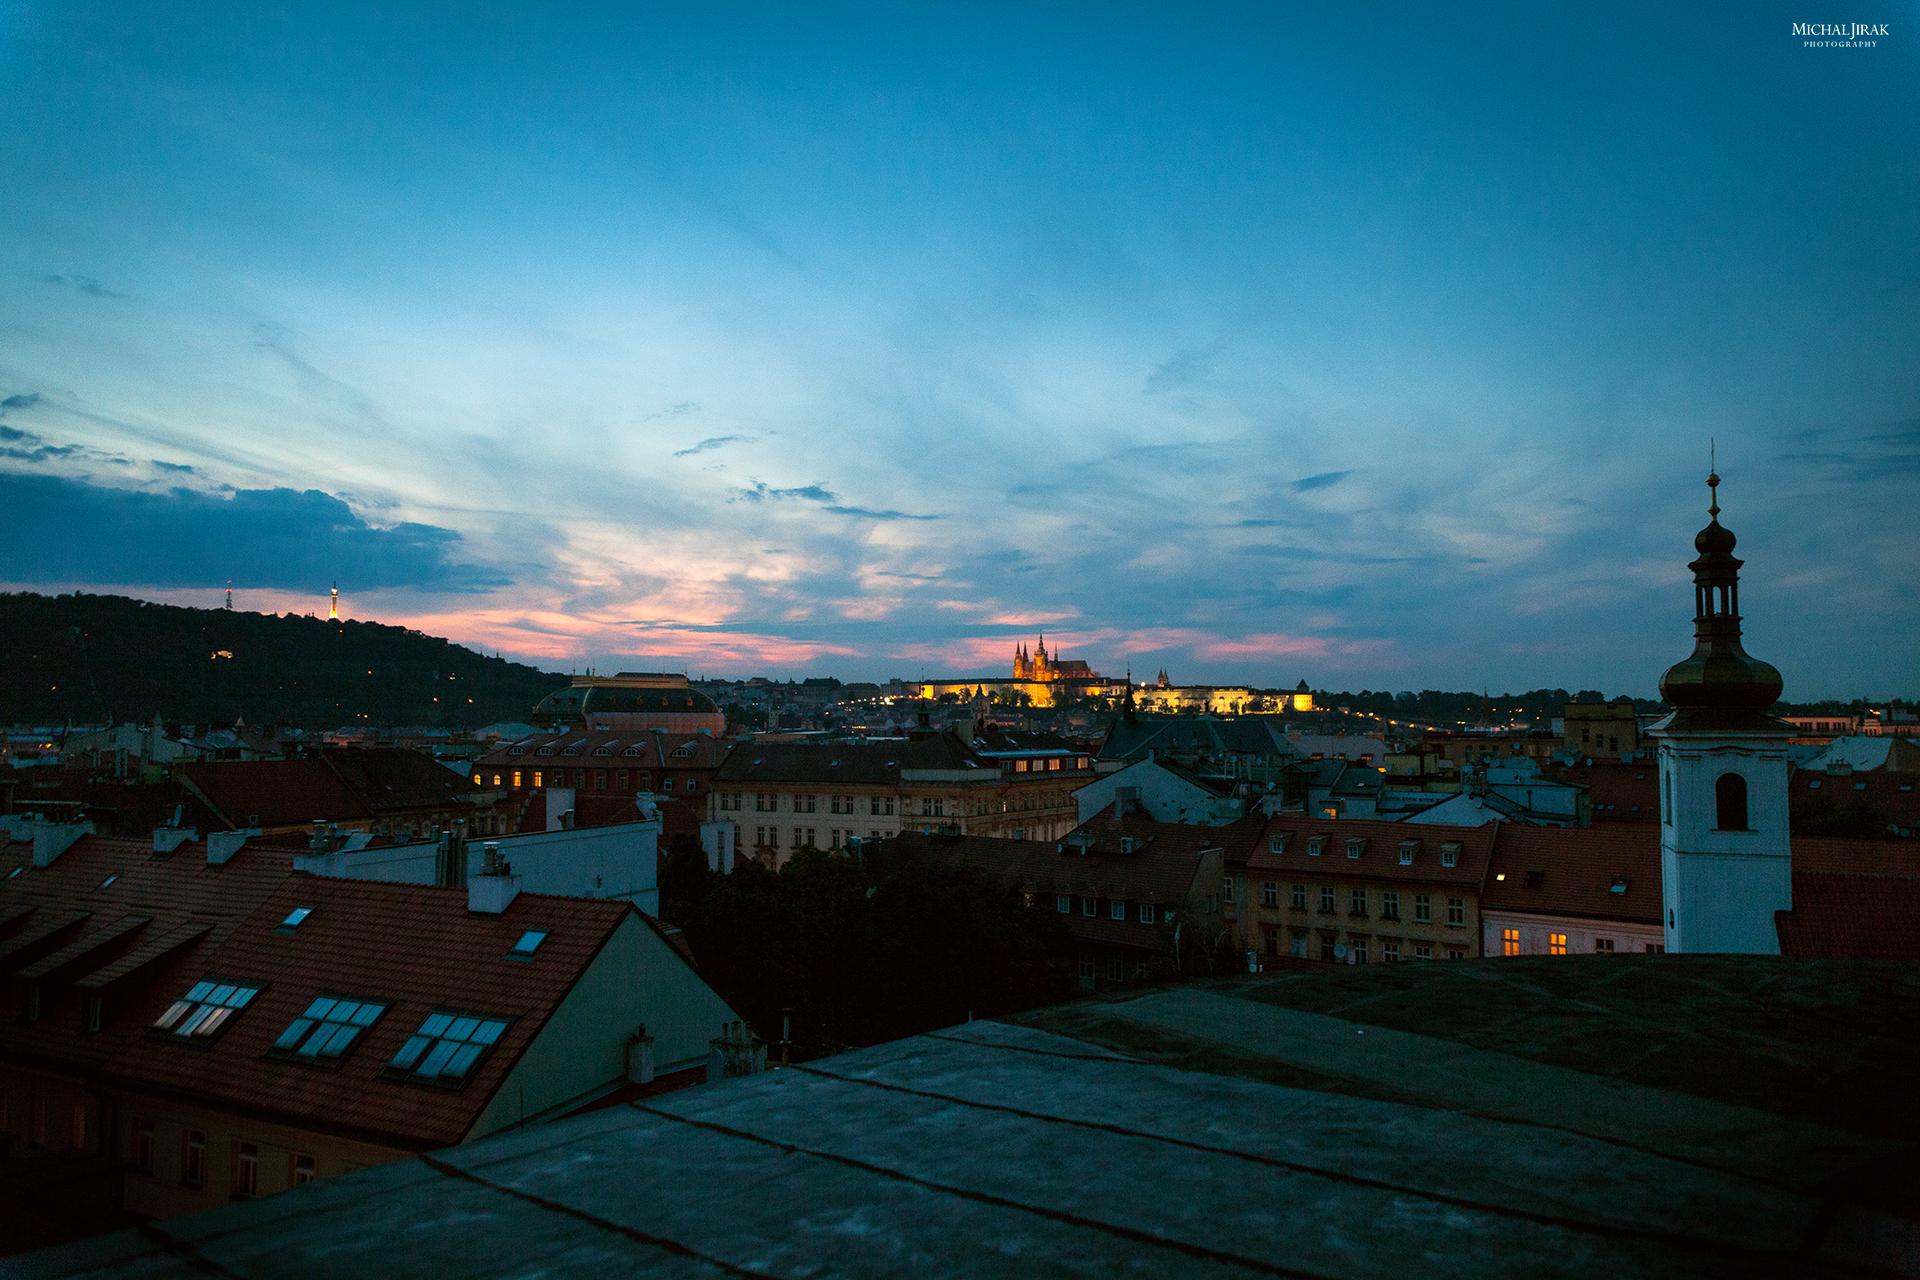 """Michal Jirák: """"Fotka vznikla při zvláštní příležitosti focení obalu na CD jednoho českého zpěváka, kdy jsem se dostal na jednu střechu v centru. Bylo to těsně po západu slunce a ještě bylo trochu světla. Neměl jsem stativ, takže jsem fotil z ruky. Doufám, že se ještě někdy dostanu na nějakou střechu, abych měl víc času na takové fotky."""""""